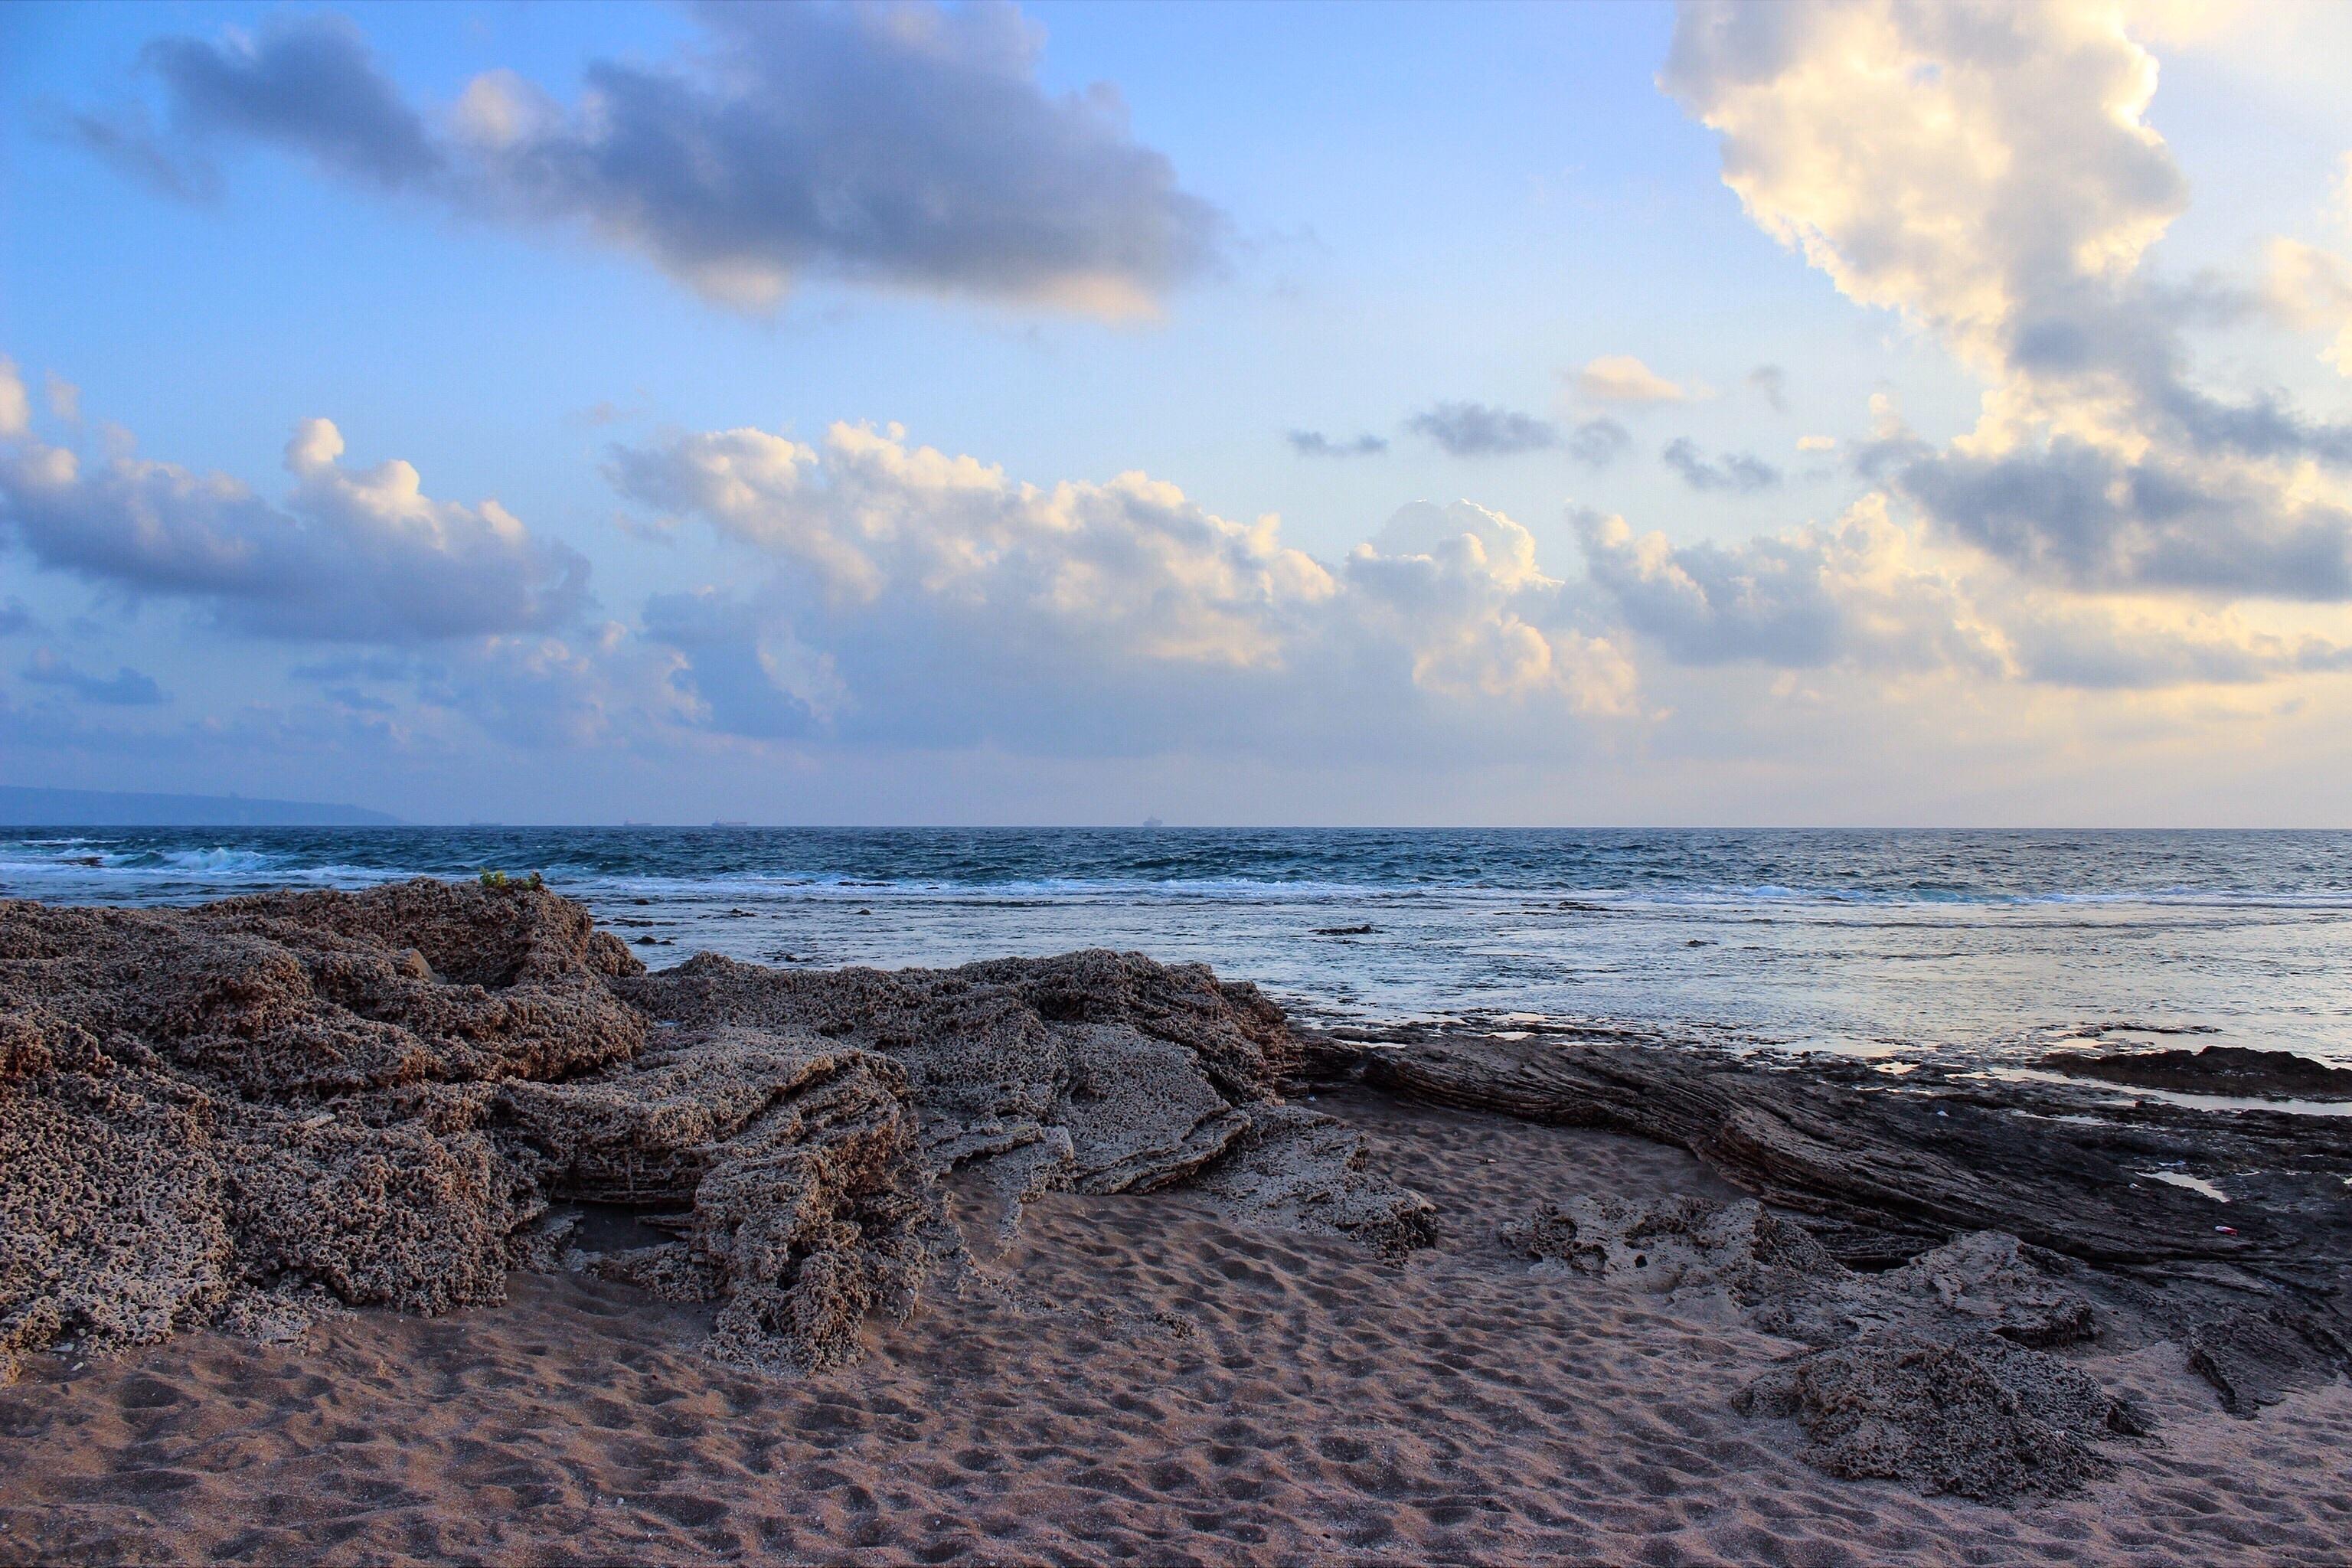 75369 Заставки и Обои Песок на телефон. Скачать Природа, Море, Облака, Песок, Берег картинки бесплатно